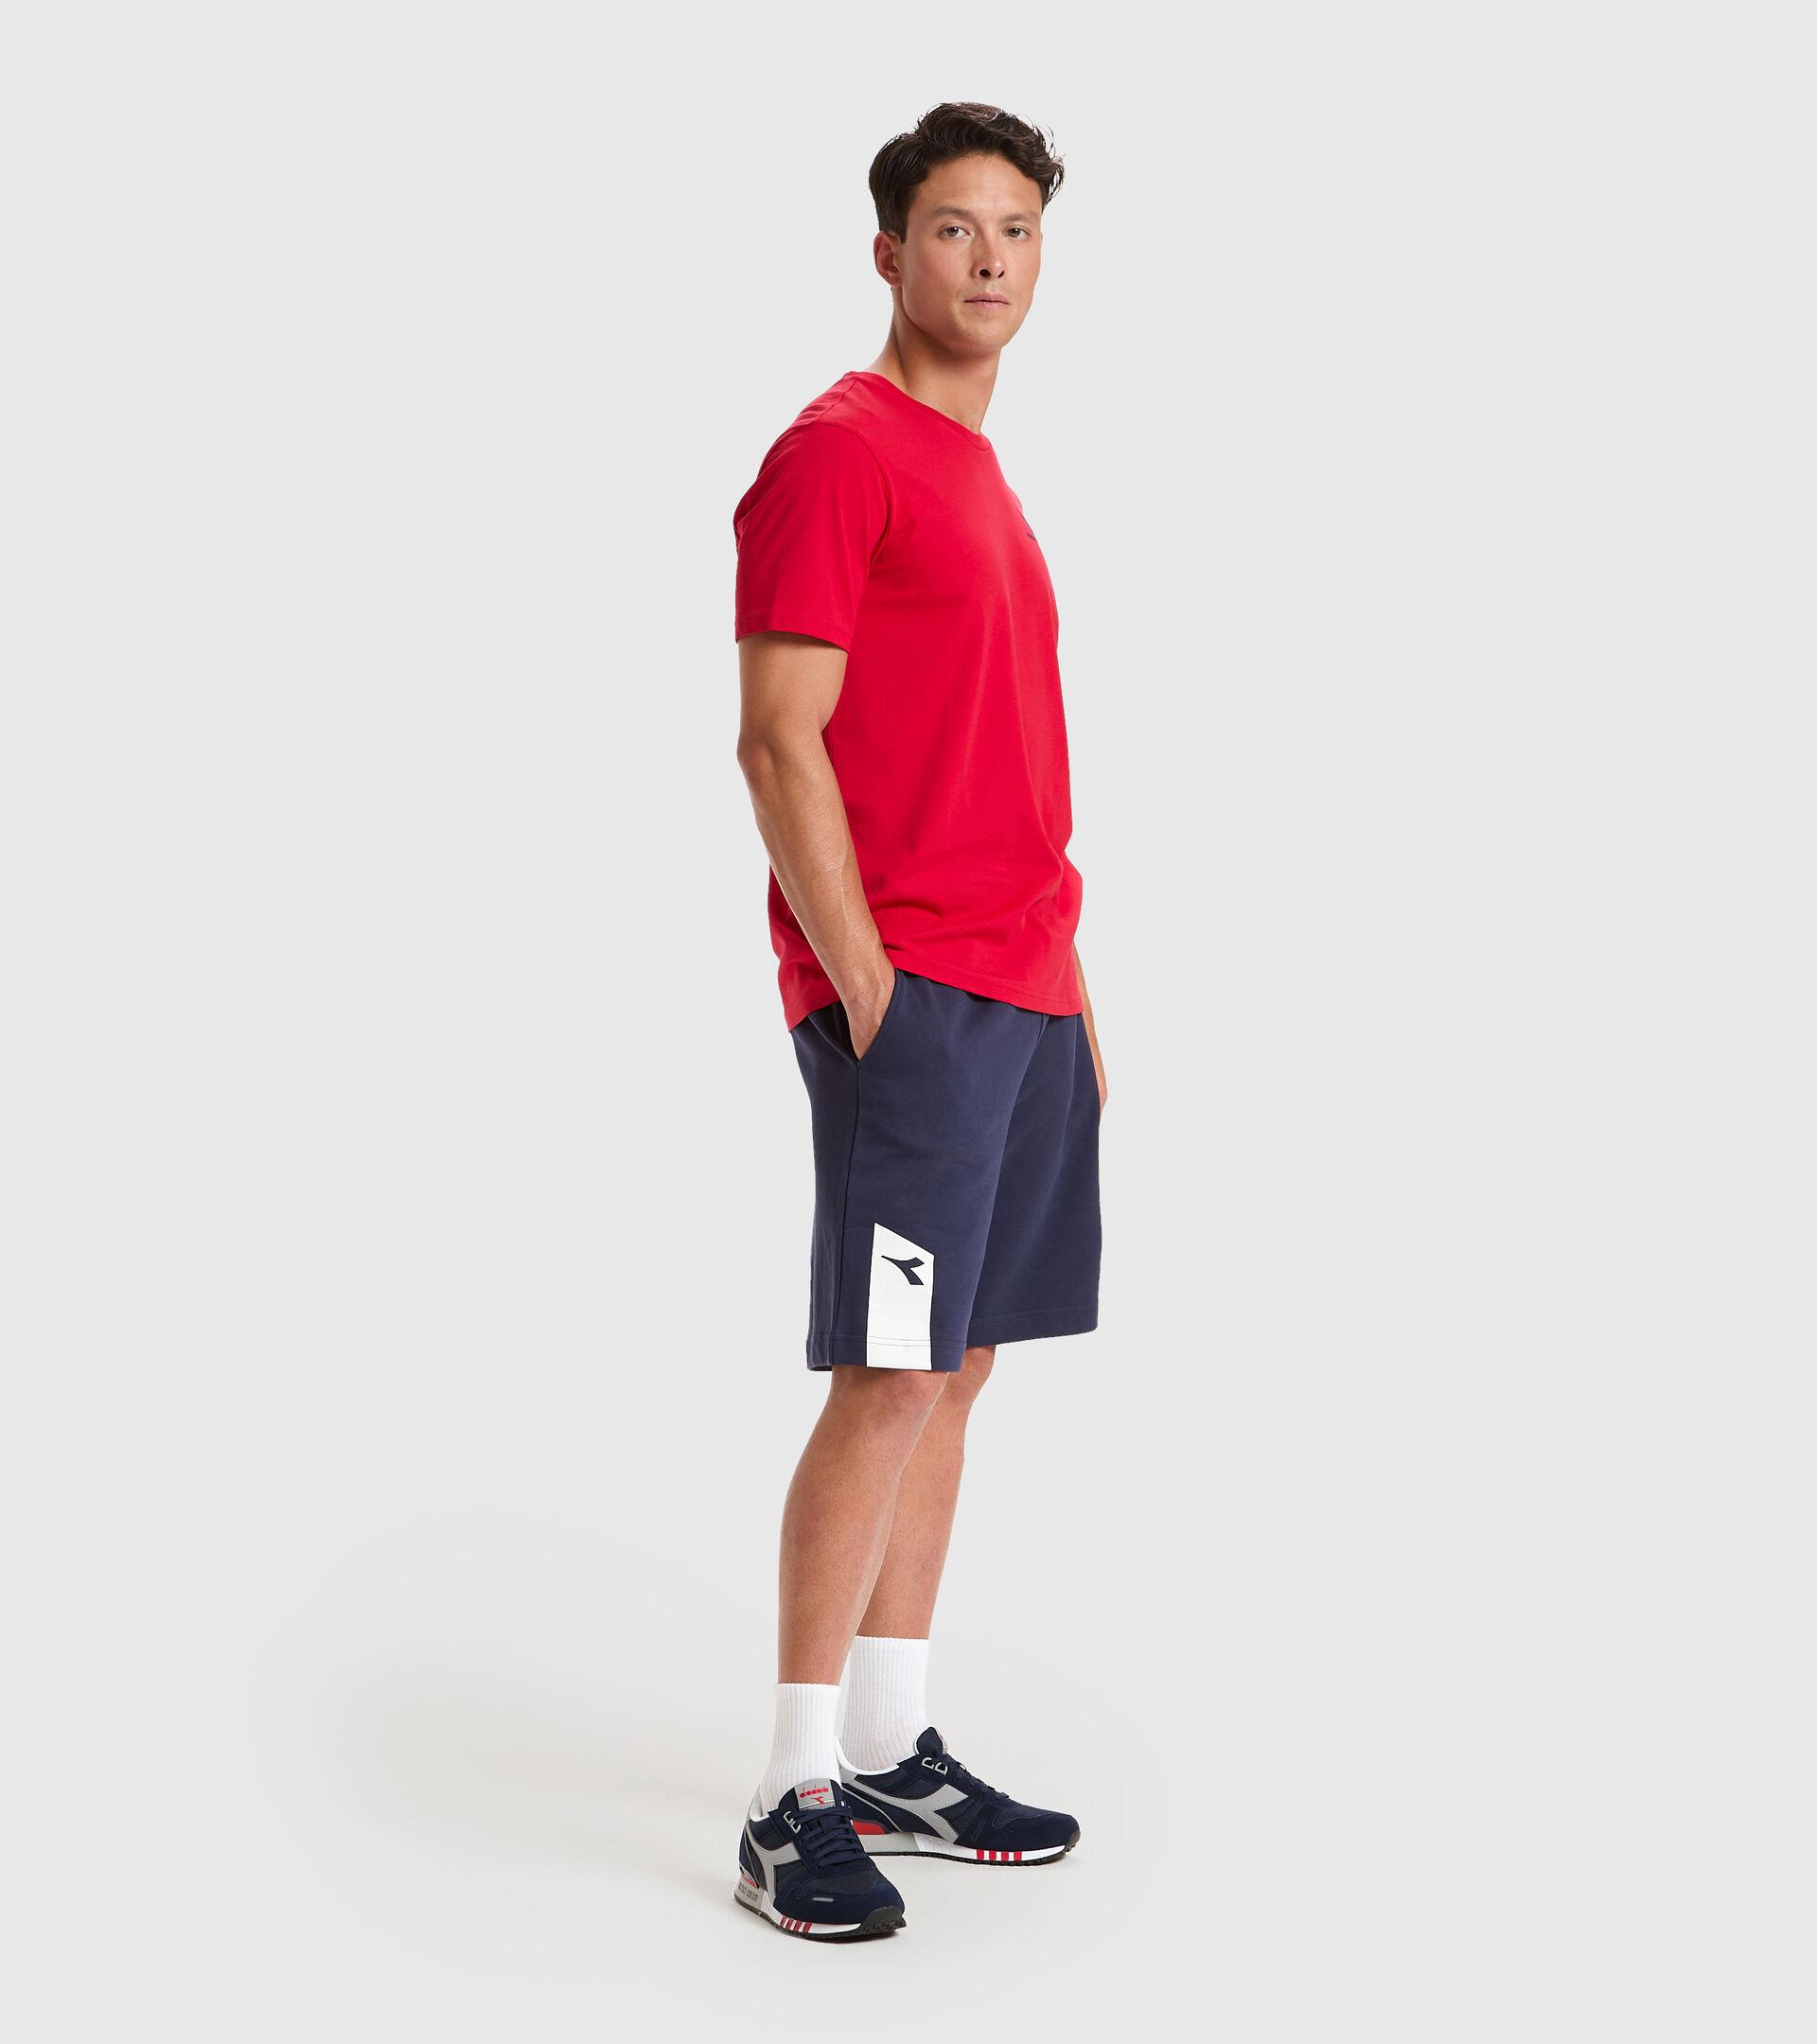 Apparel Sportswear UOMO BERMUDA ICON BLU CLASSICO Diadora